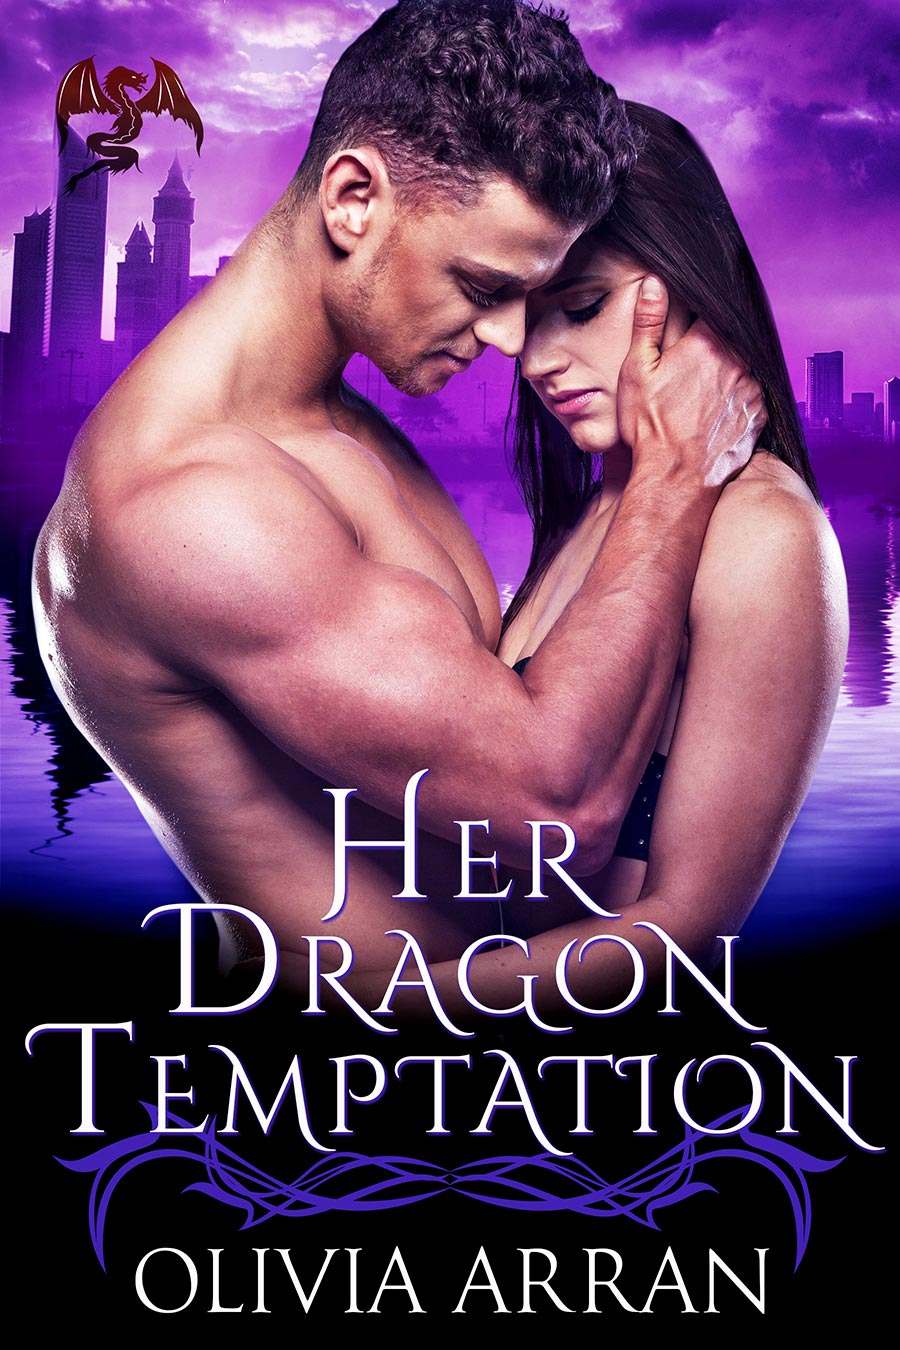 Her-Dragon-Temptation---Olivia-Arran.jpg